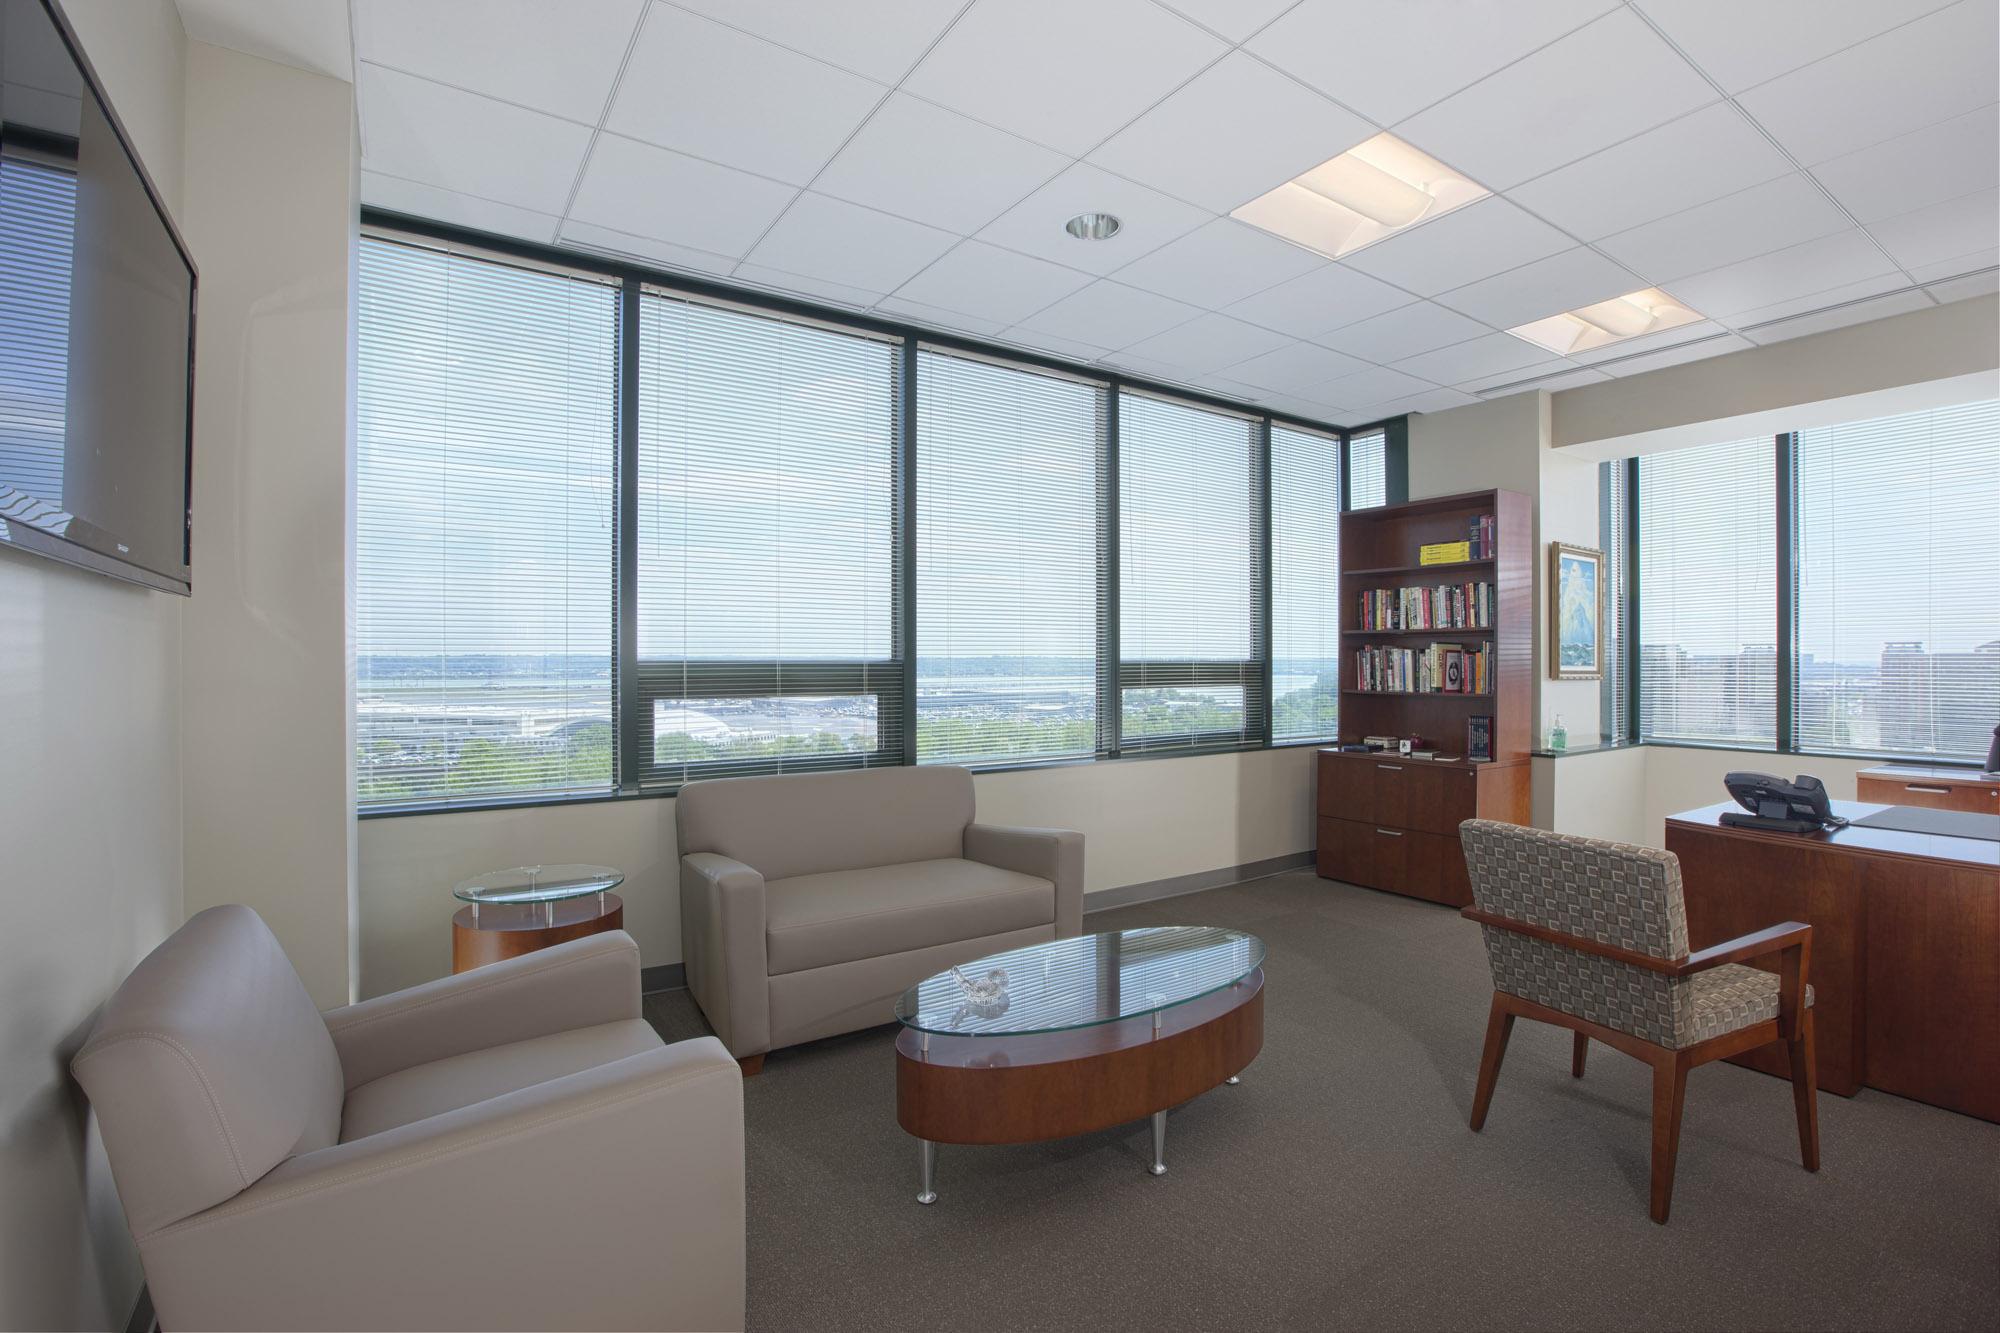 DRS VA Office Interior Image R121409.jpg